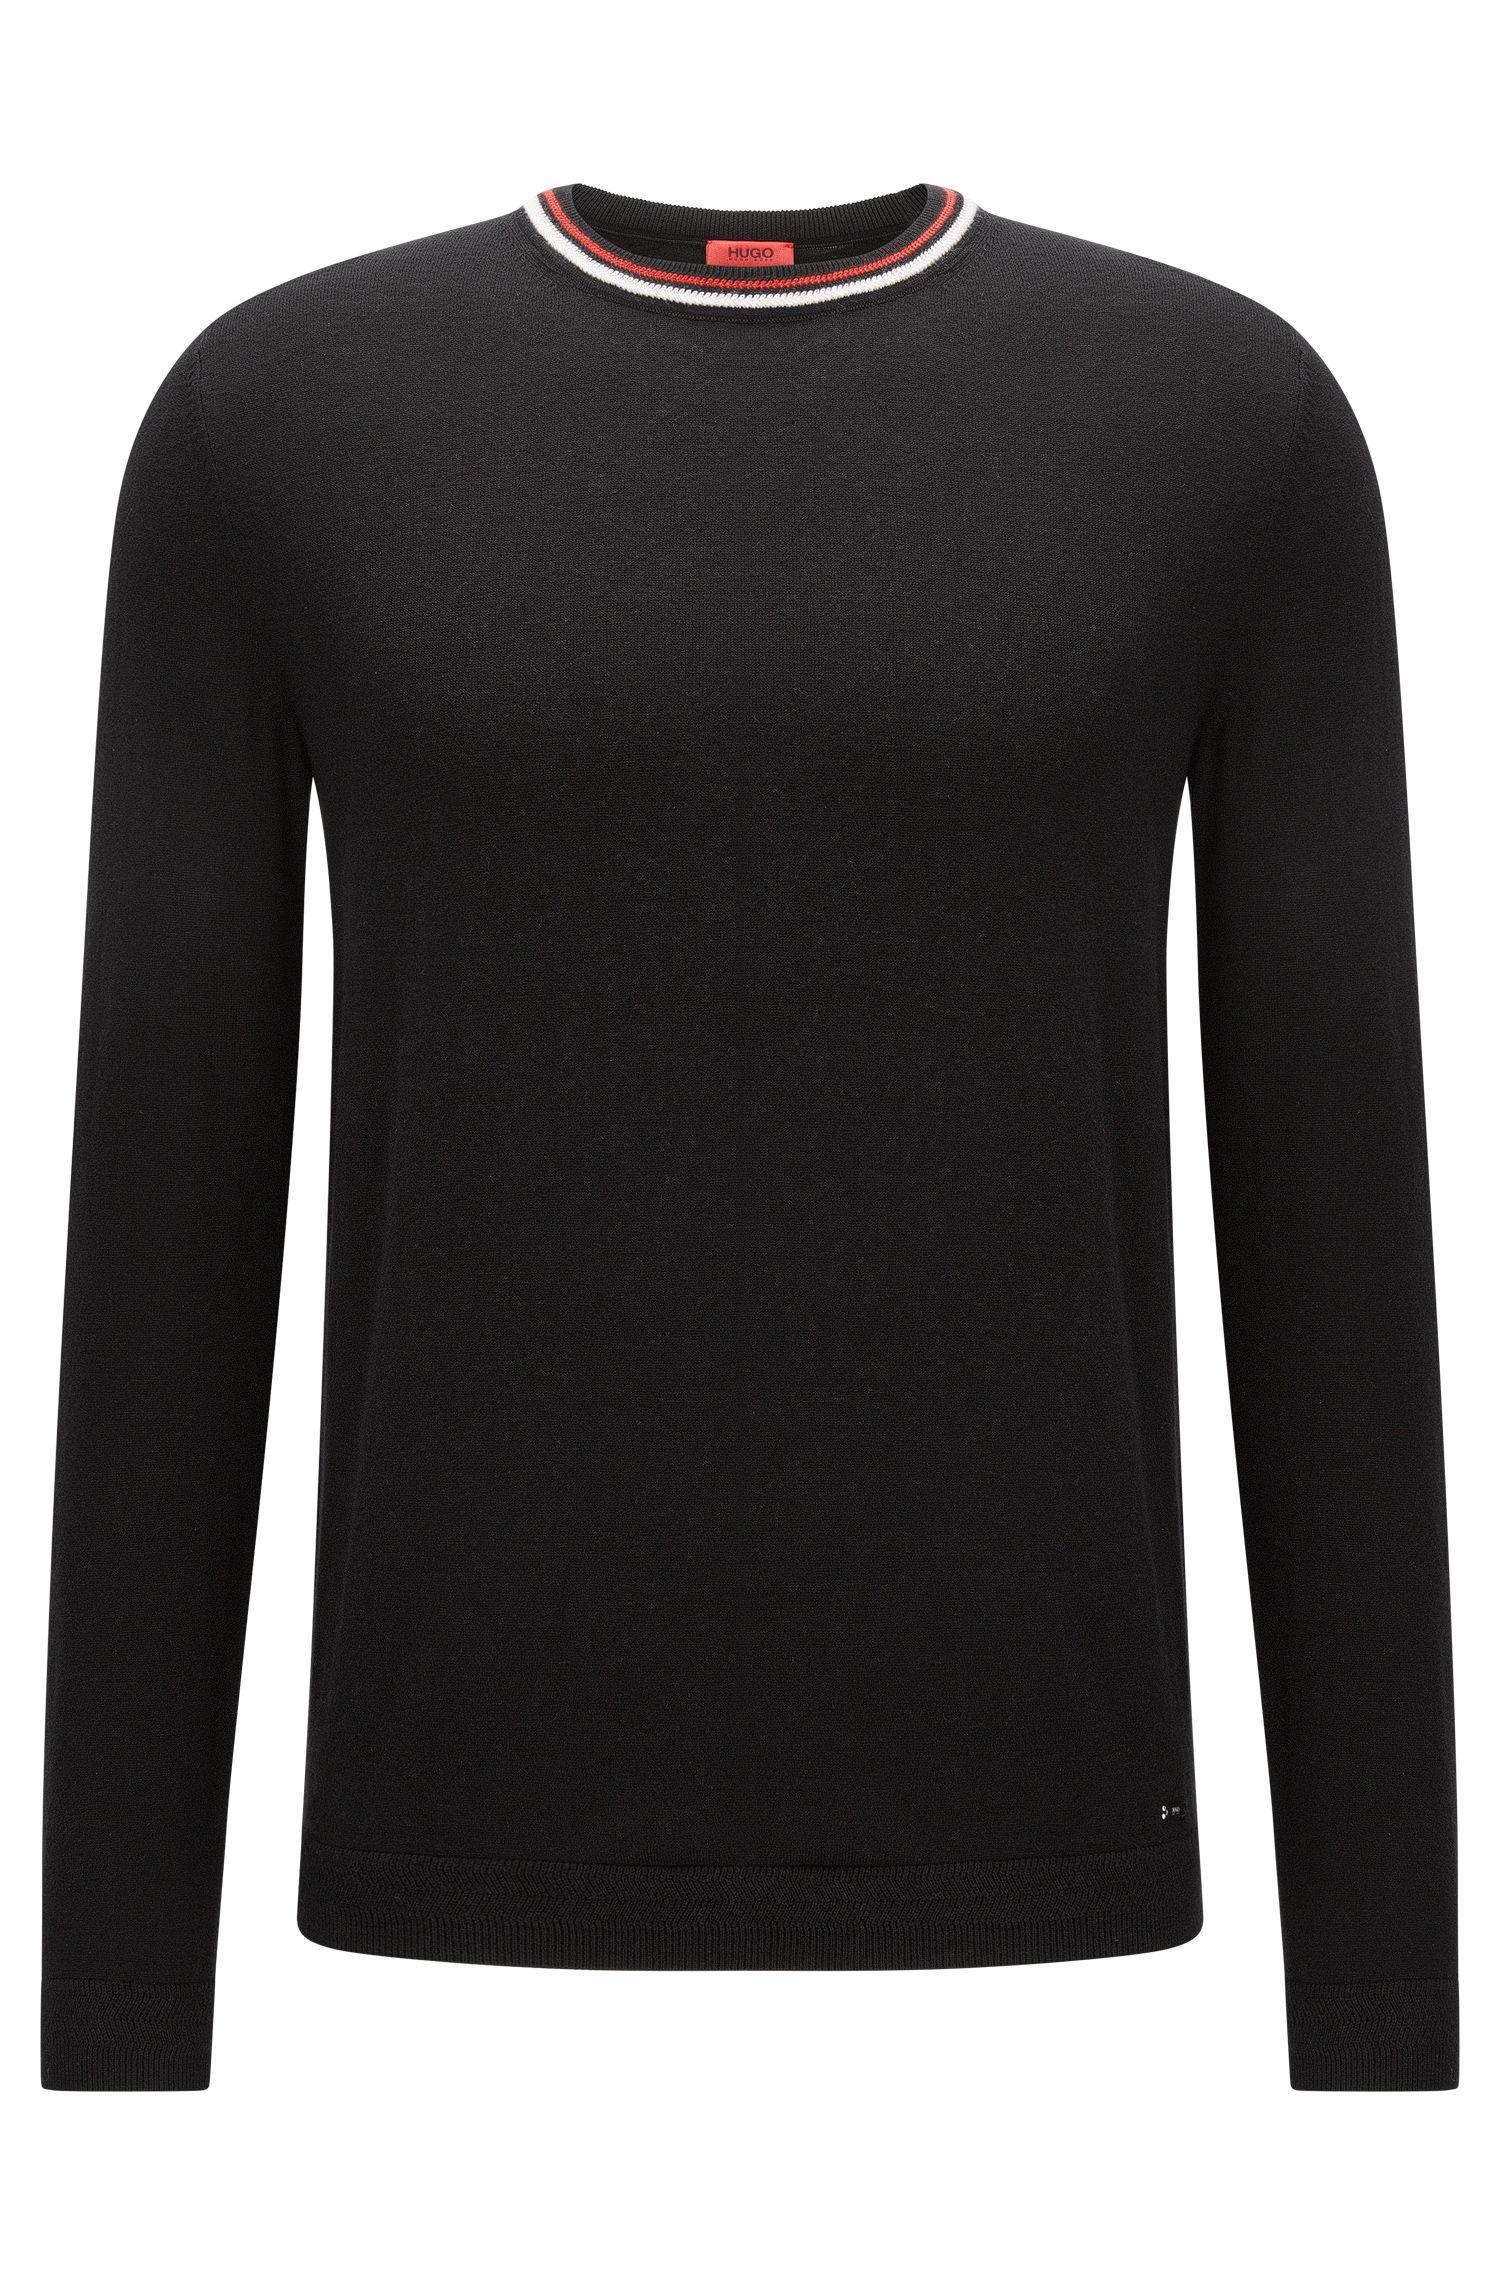 Jersey de cuello redondo en mezcla de algodón con detalle de rayas